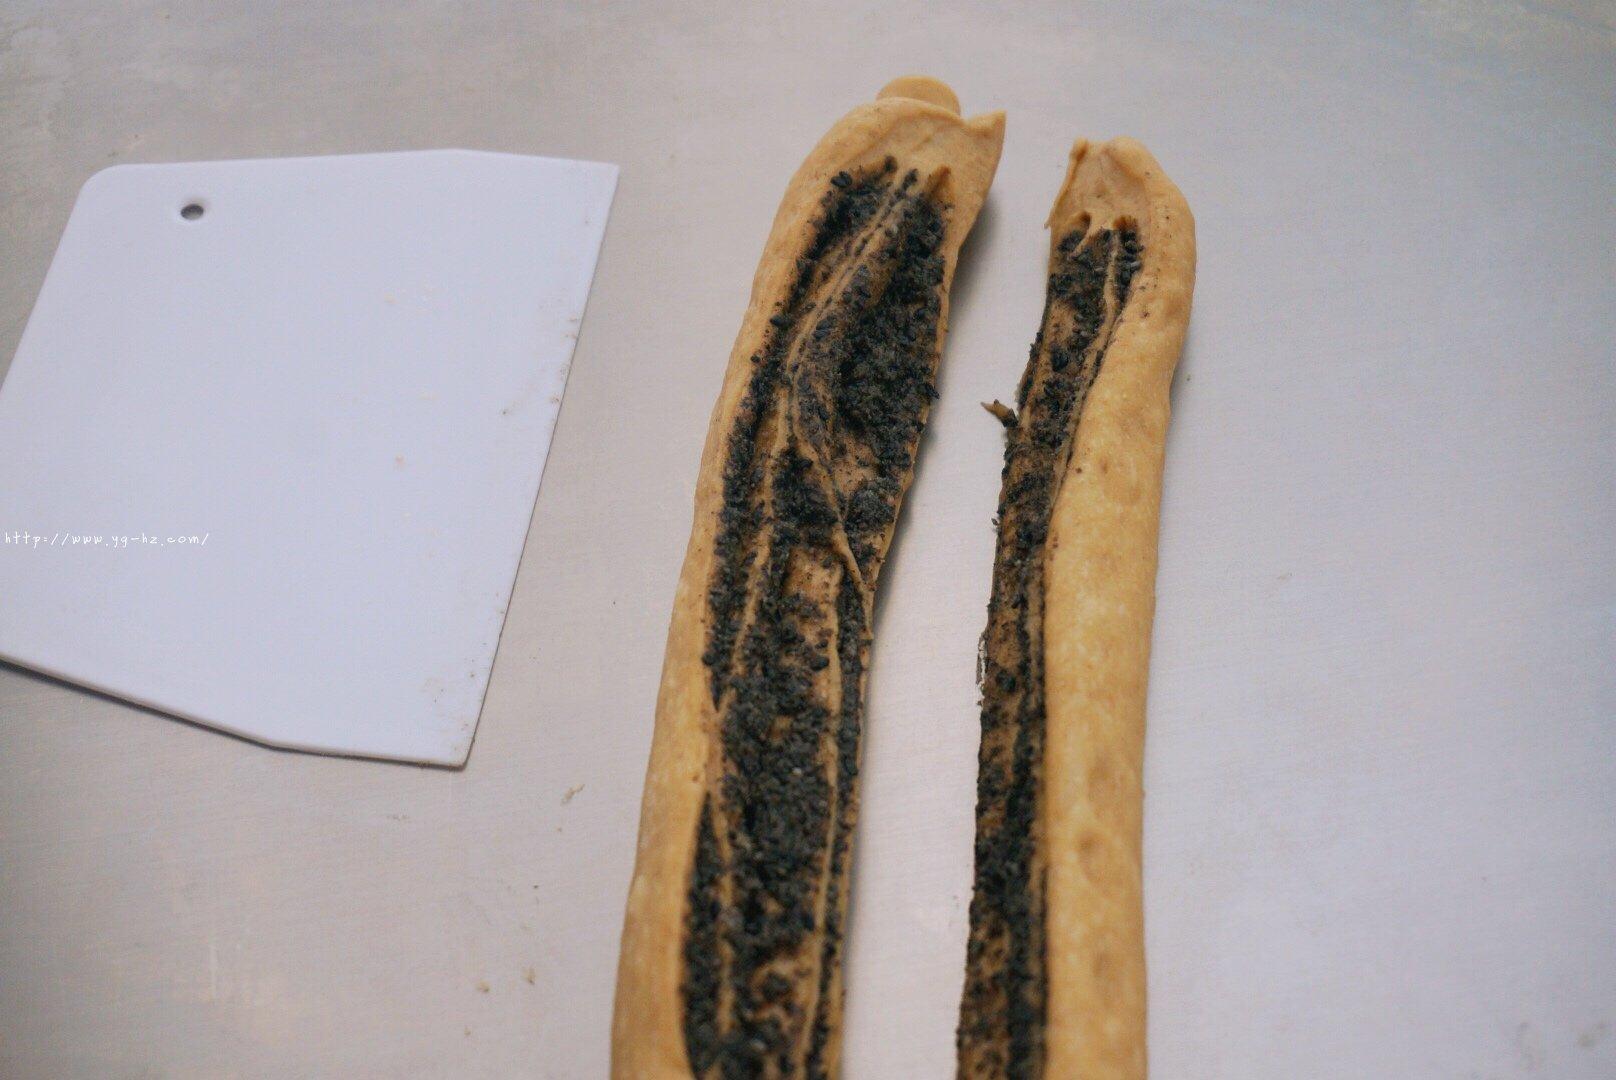 养生黑芝麻红糖全麦fafa软欧面包(波兰种)的做法 步骤16